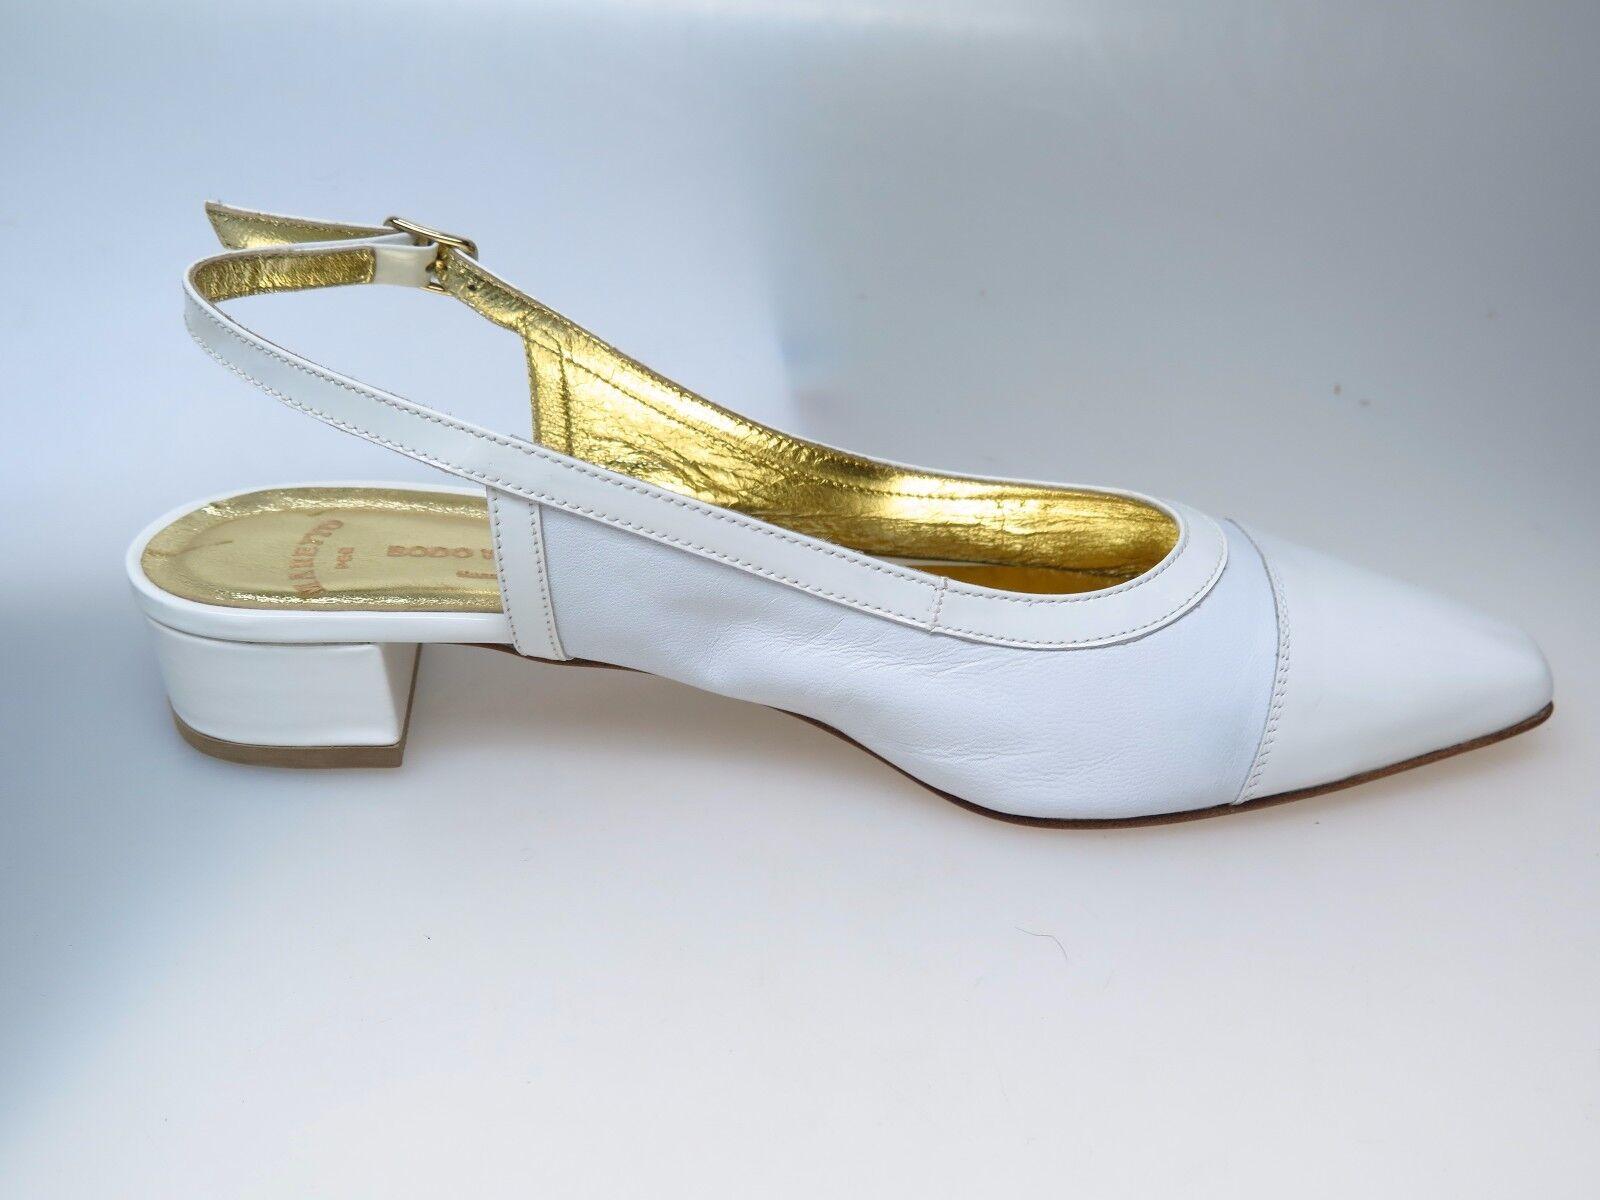 MARETTO  Designer Damenschuhe Bianco 6955 Gina Nappa Vernice Bianco Damenschuhe Gr. 40,5 NEU 3f265a